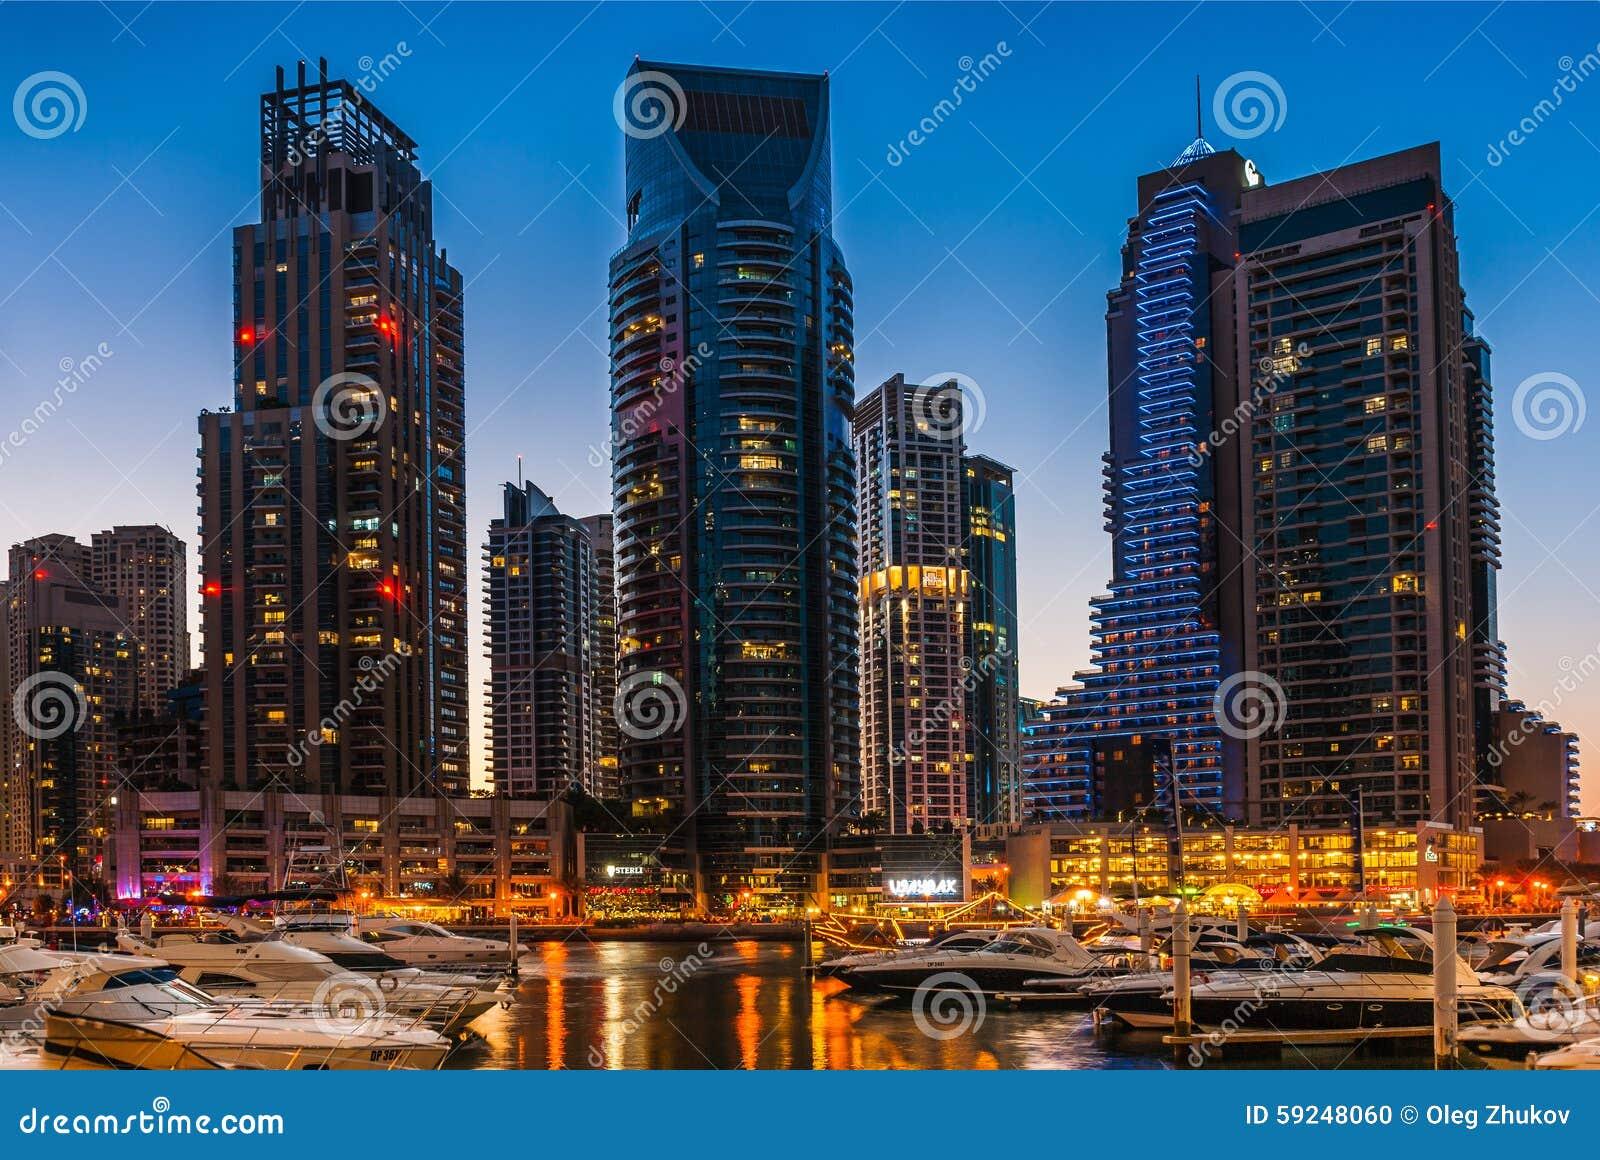 Vida nocturna en el puerto deportivo de Dubai EMIRATOS ÁRABES UNIDOS 16 de noviembre de 2012